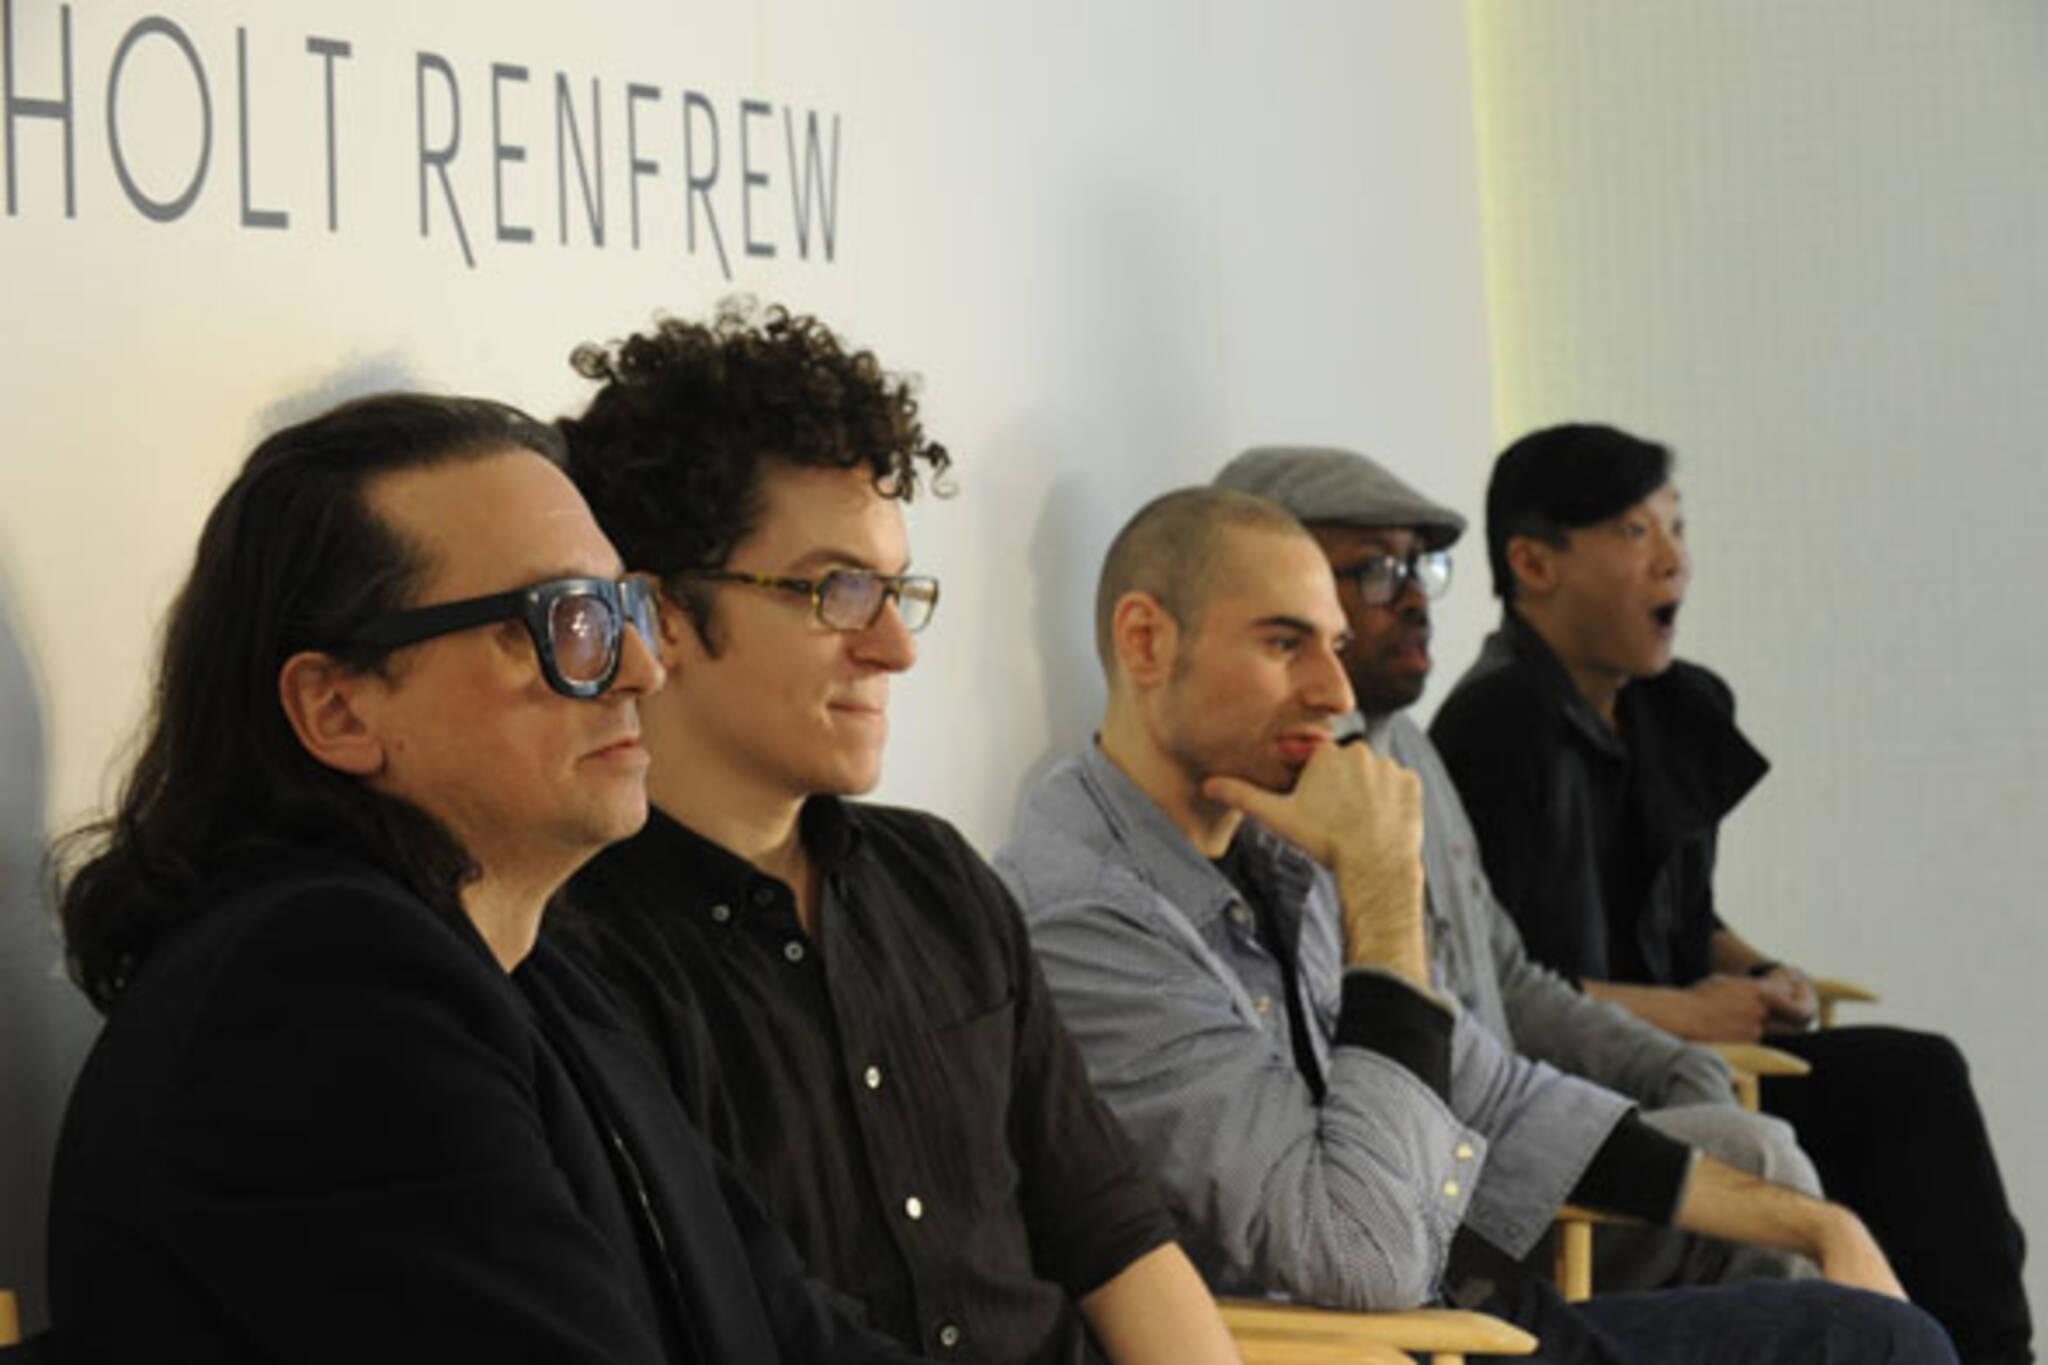 Holt Renfrew Fashion Week